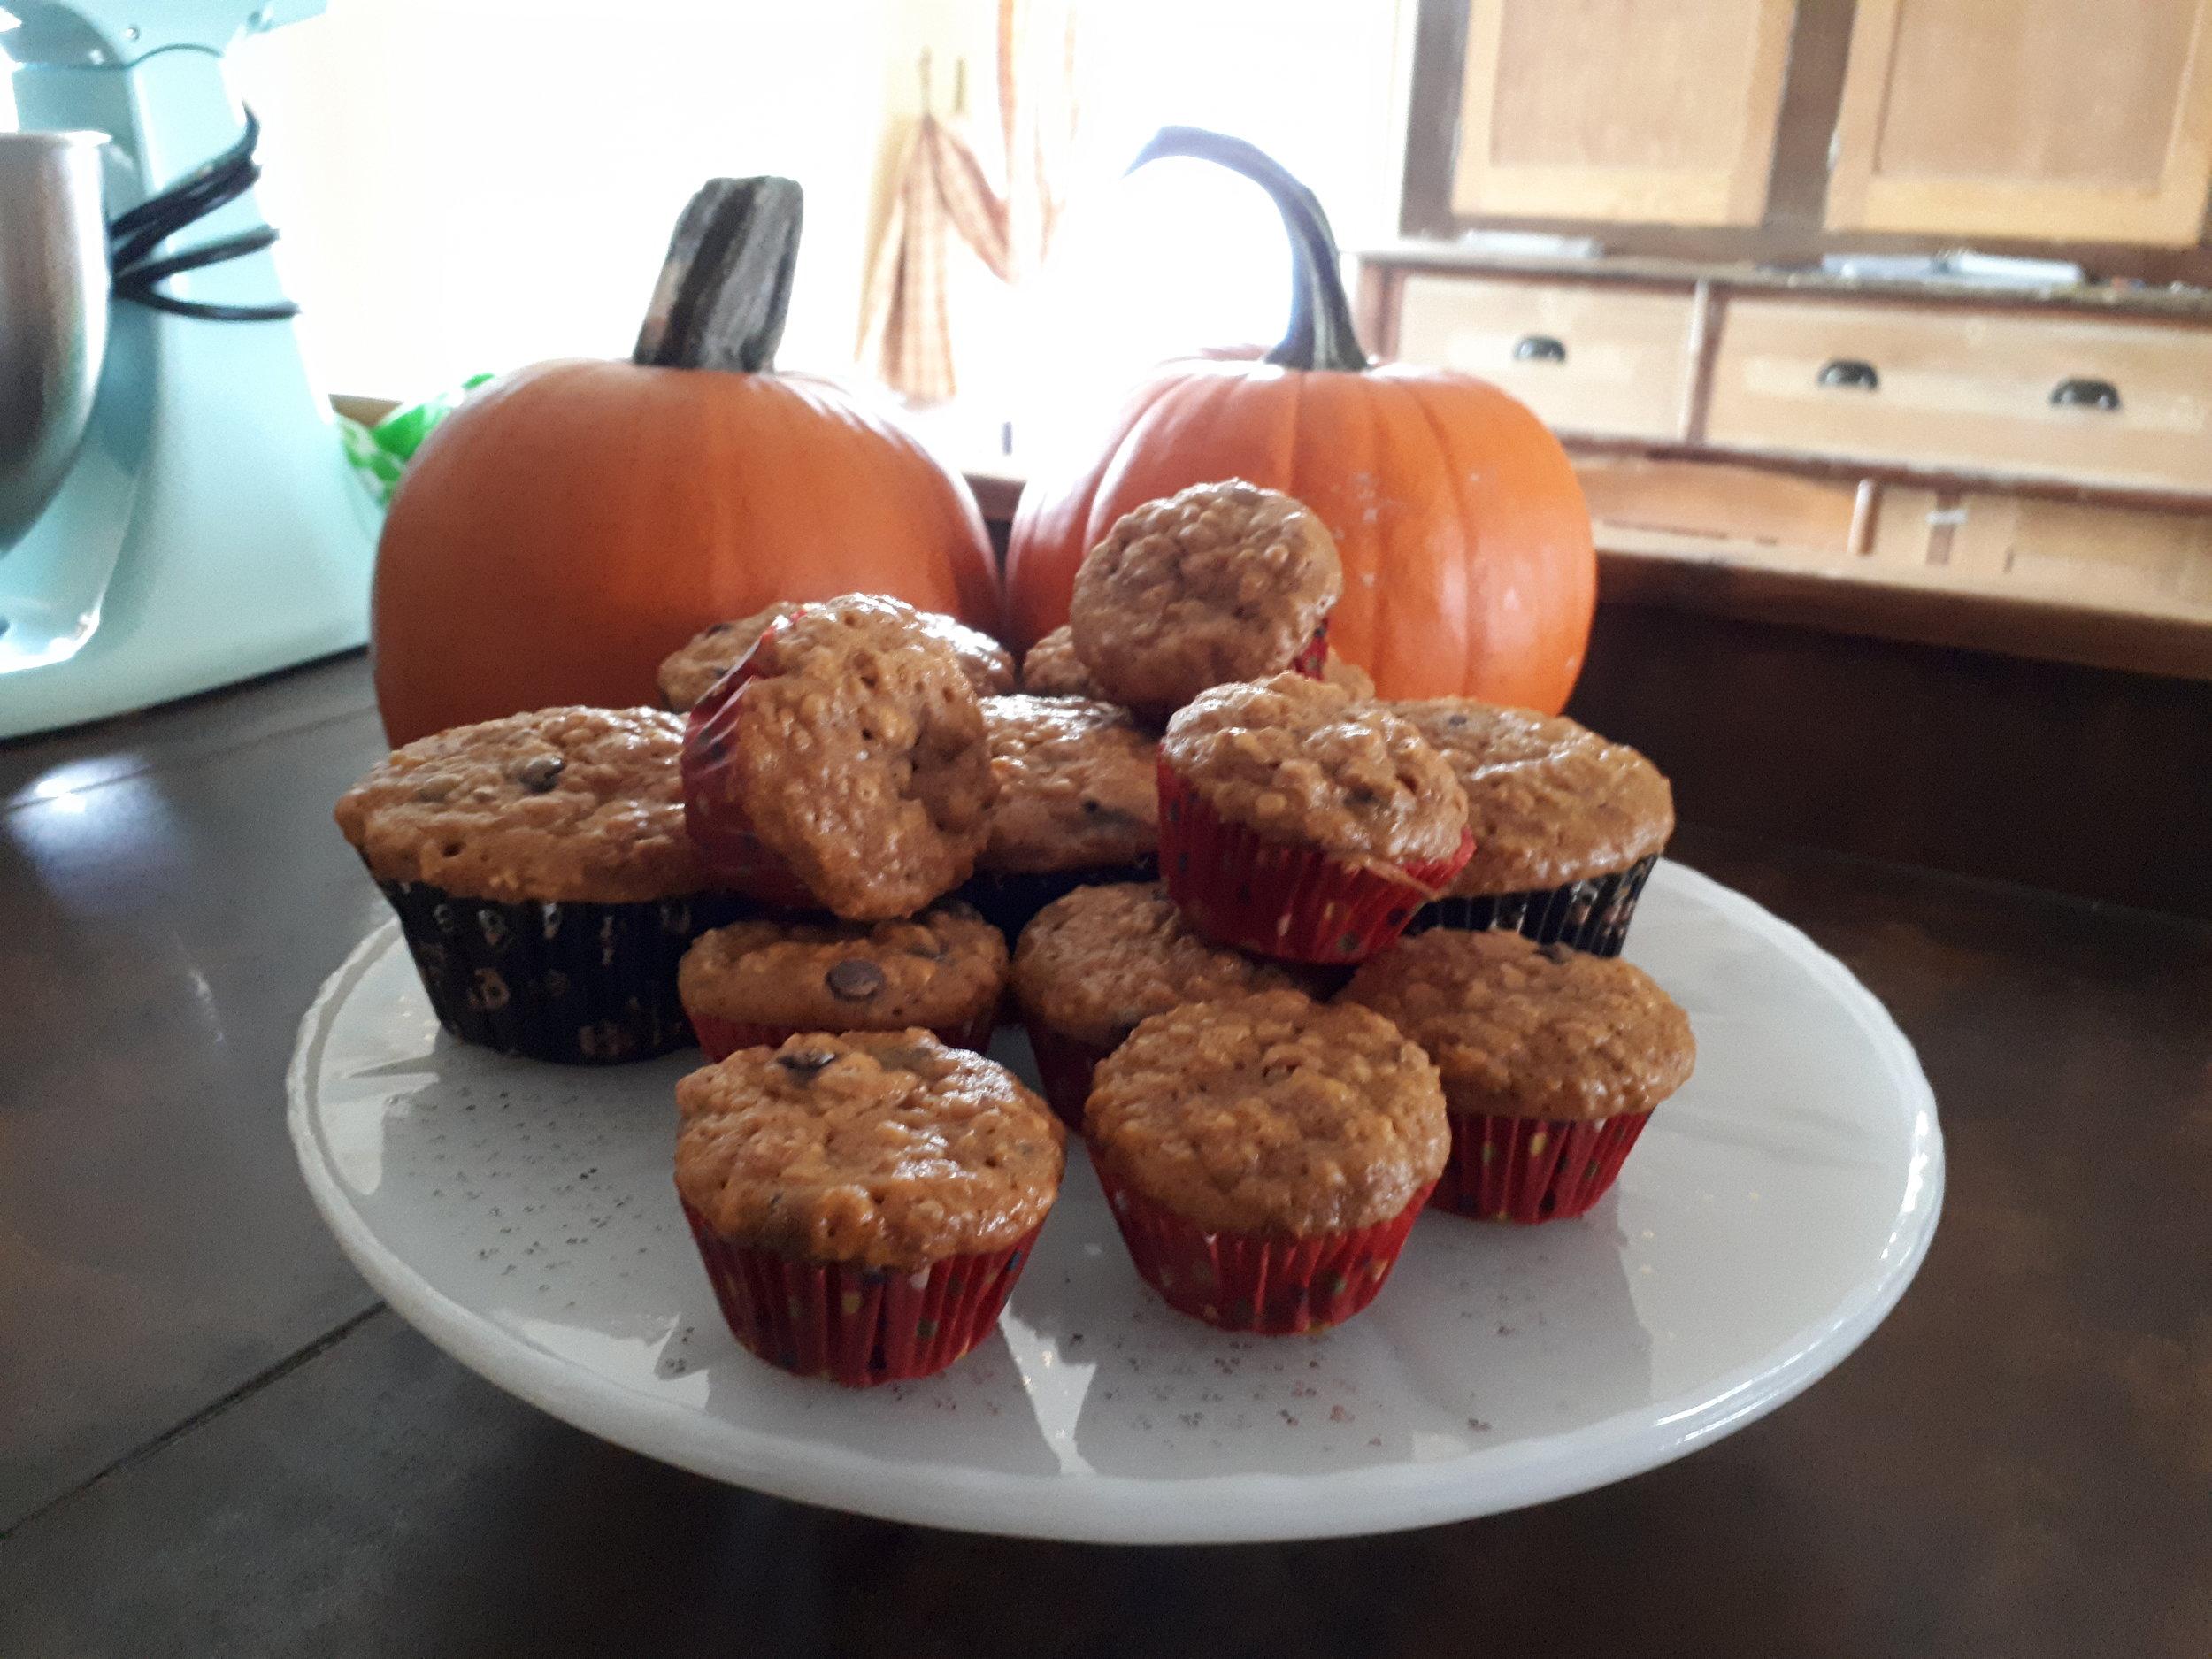 Recettes pour passer les restes de citrouilles après l'Halloween-recettes à la citrouille-famille-Recette-Crêpes-muffins-cari-Je suis une maman